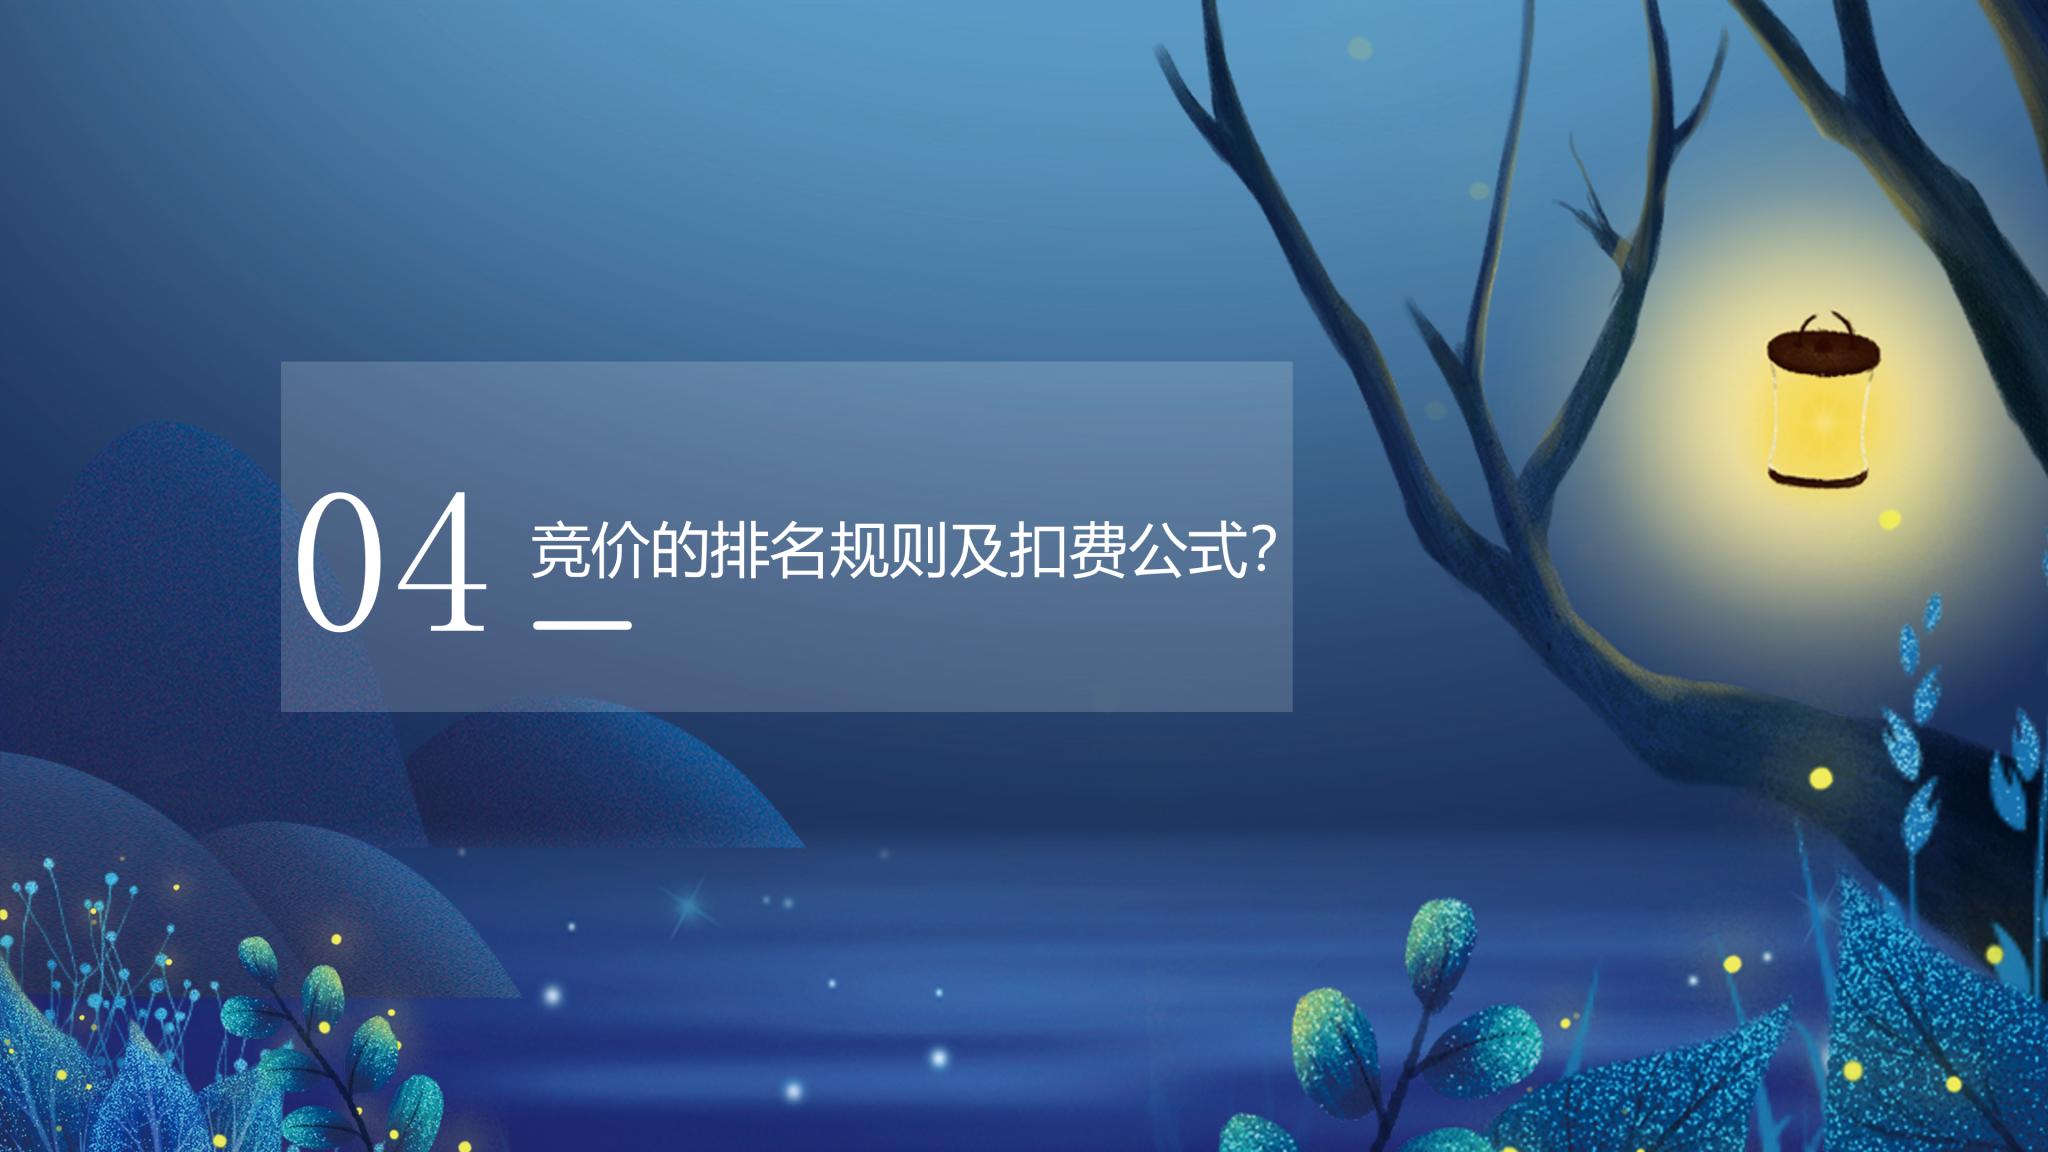 图片14_看图王.png